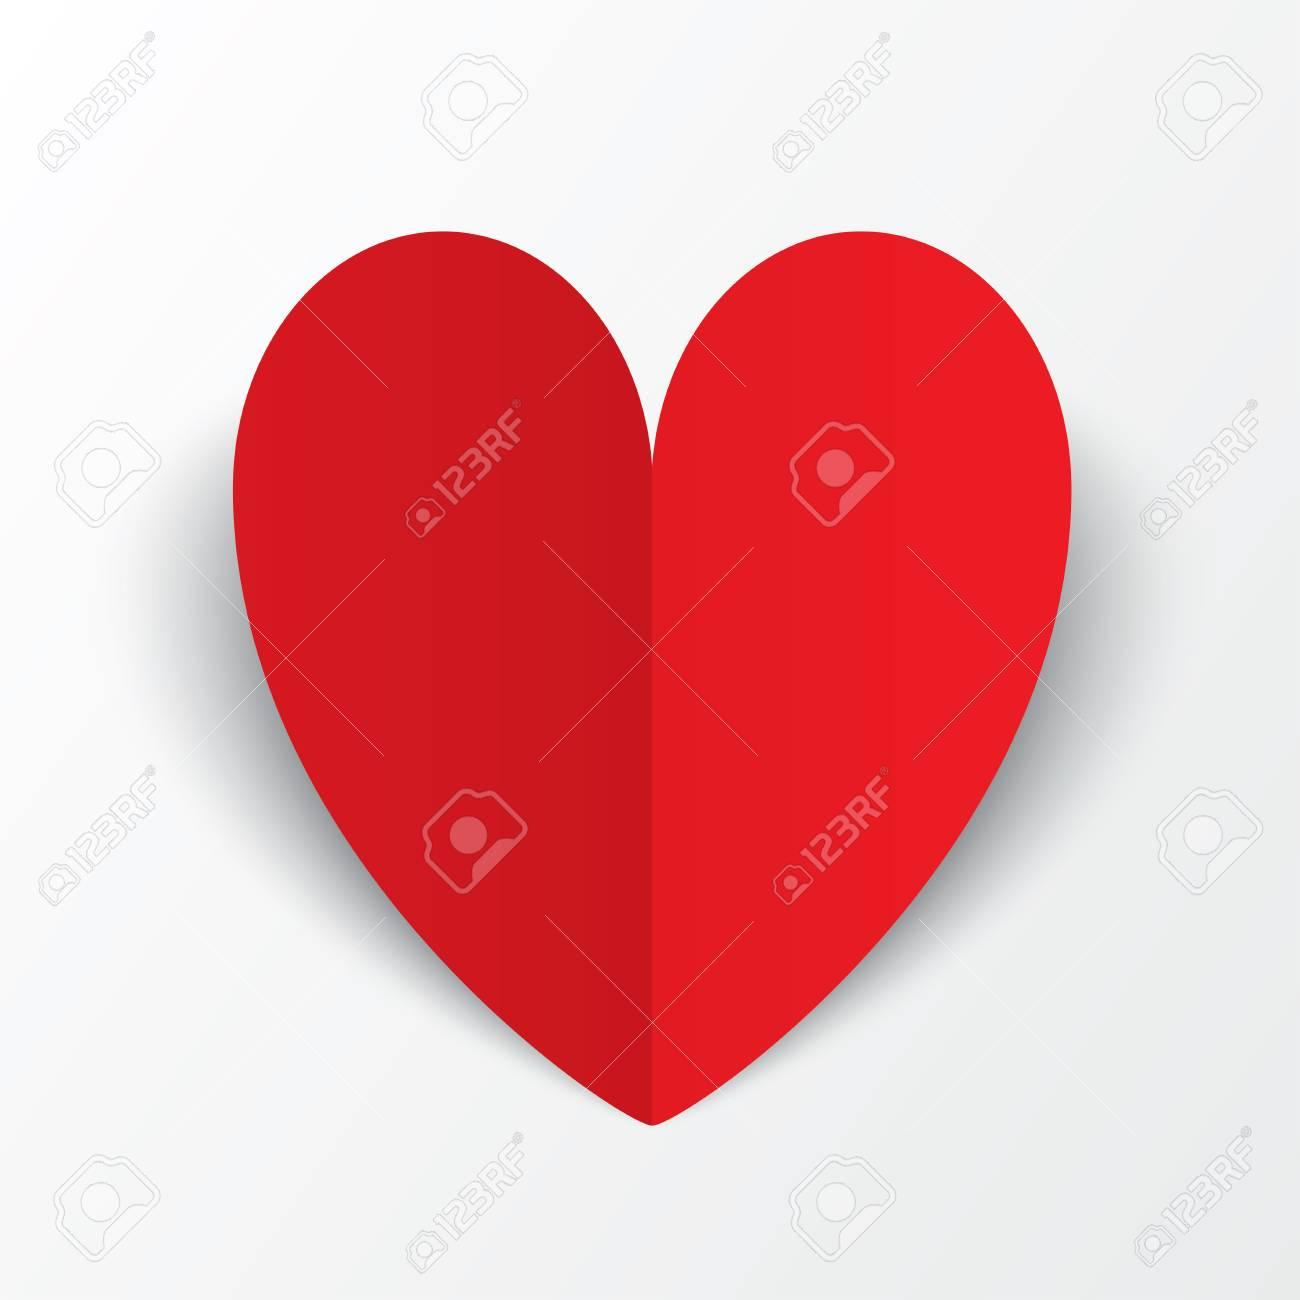 Fabulous Red Papier Herz-Valentinstag-Karte Auf Weiß. Abstrakt Mit Herz YV38